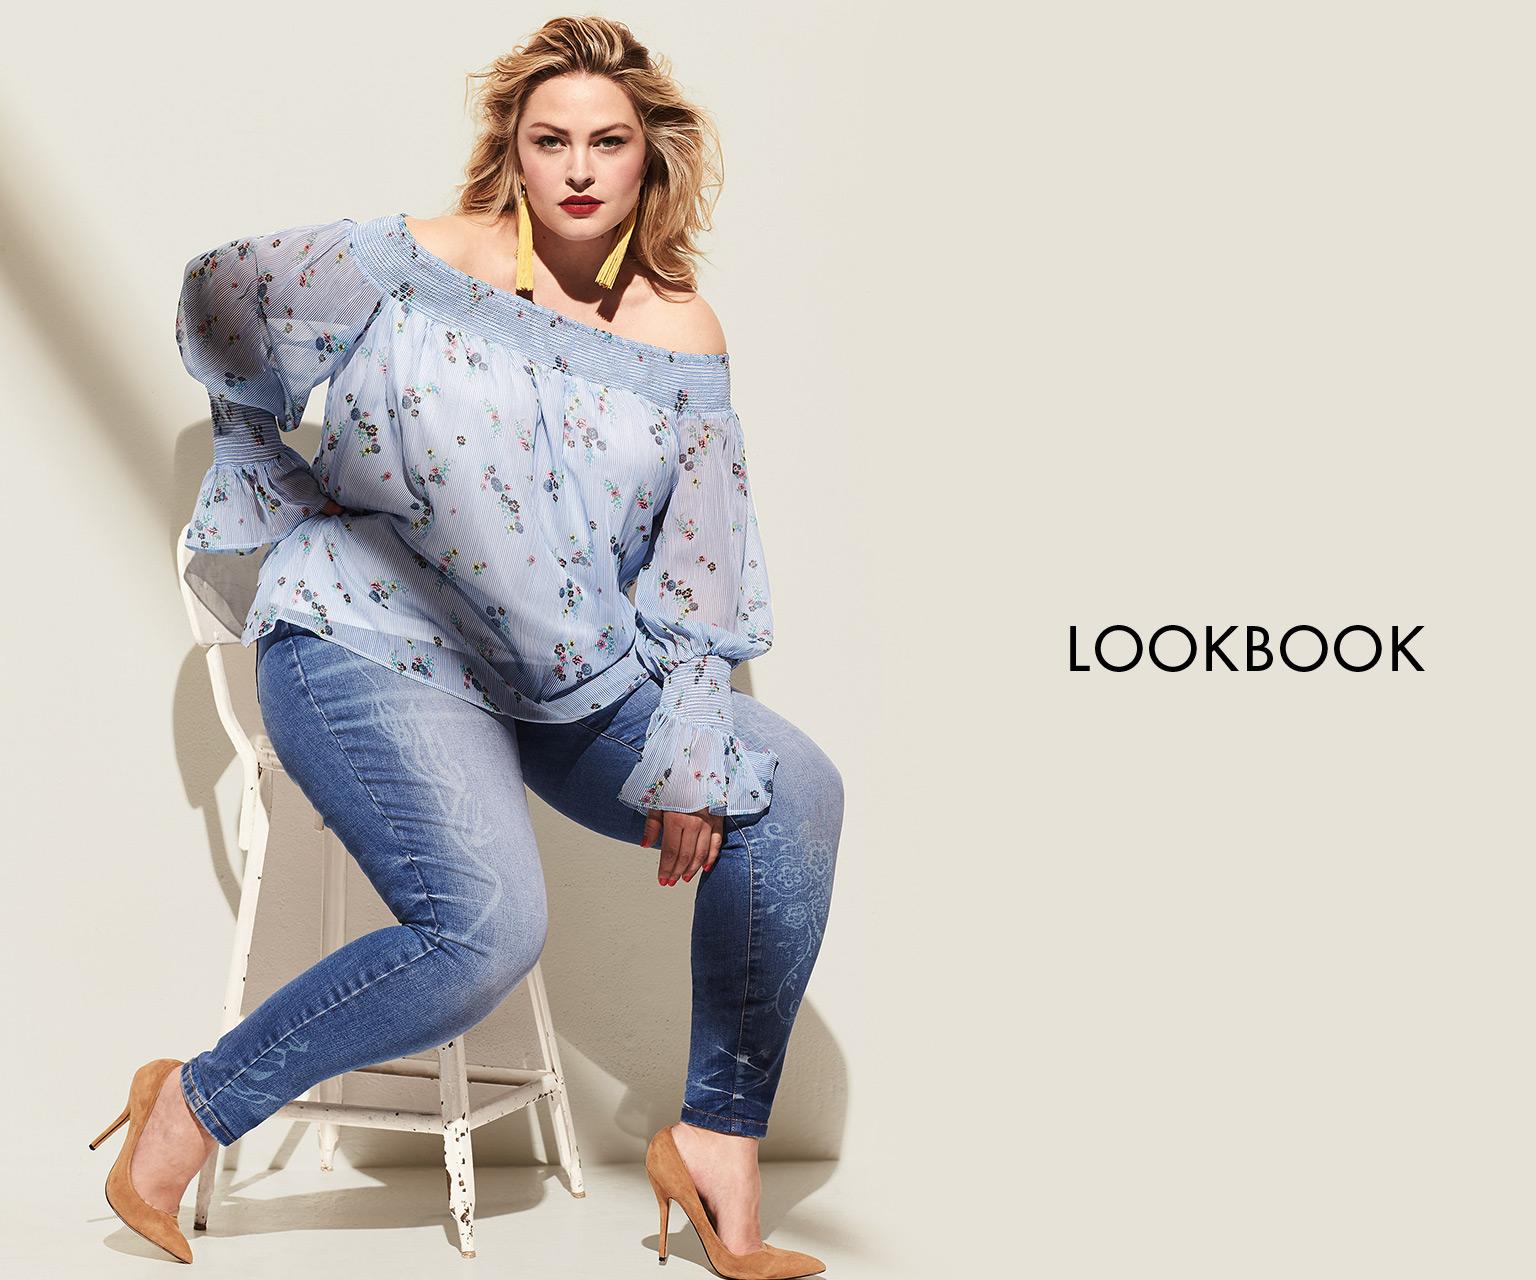 WINTER LOOKBOOK 2018 - Leopard Couture